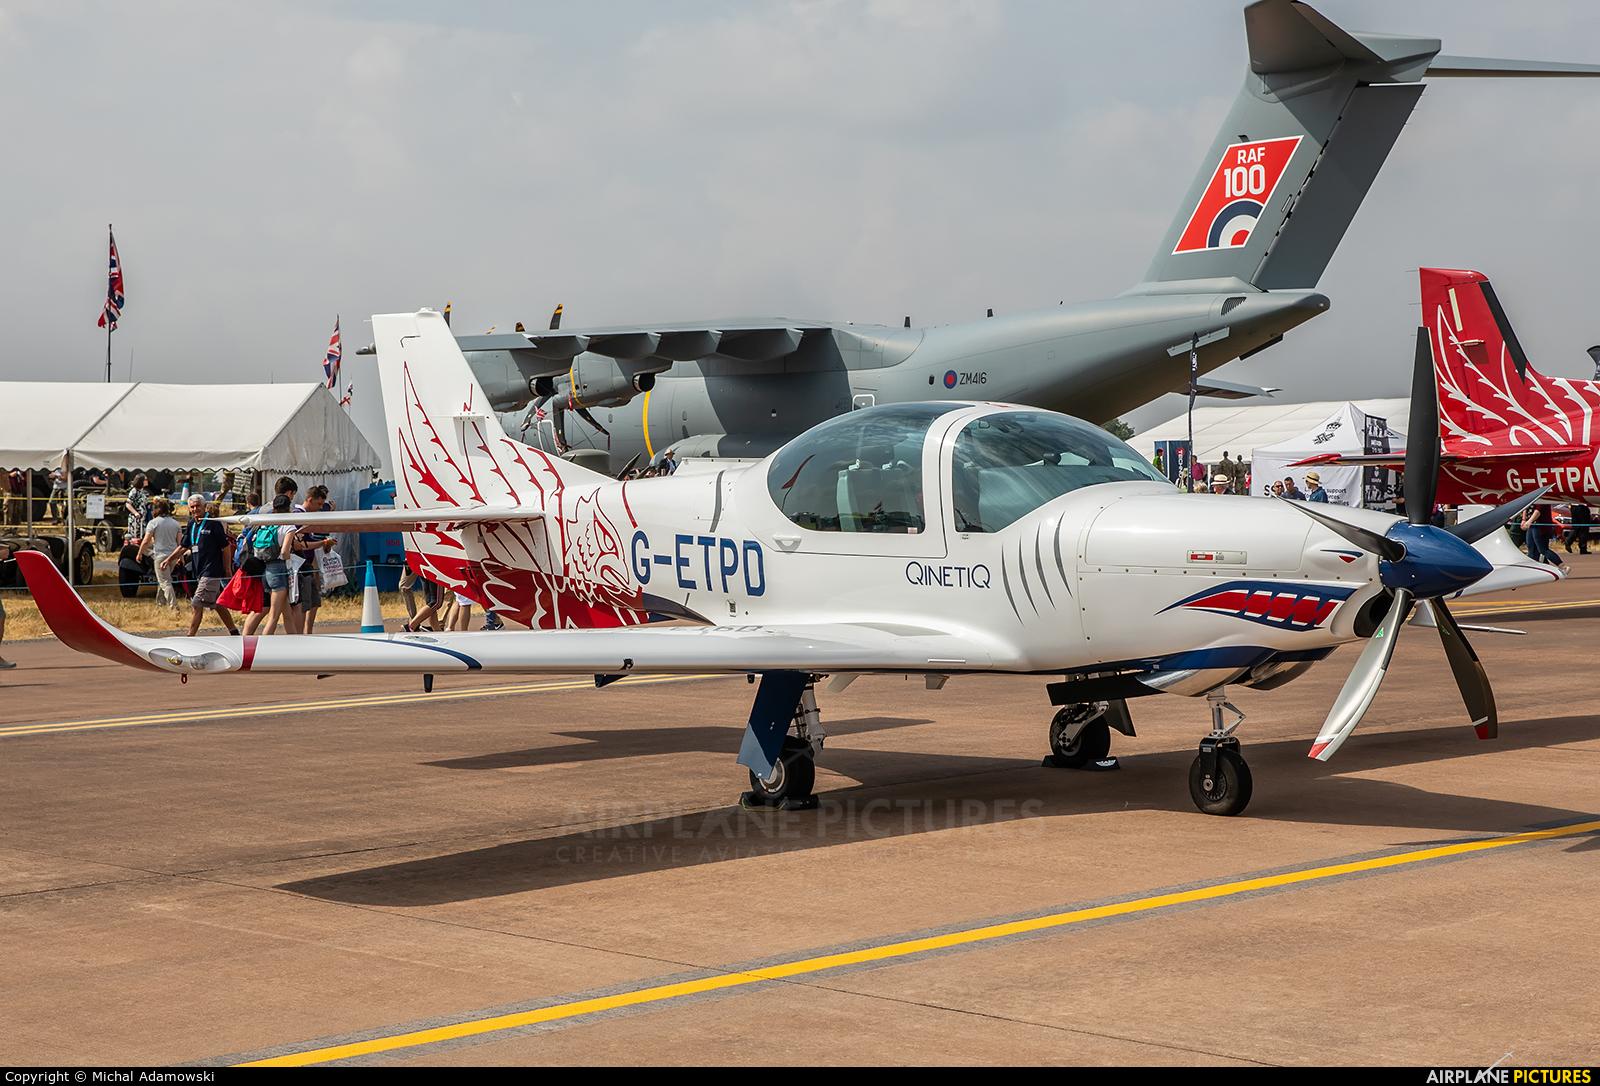 QinetiQ G-ETPD aircraft at Fairford